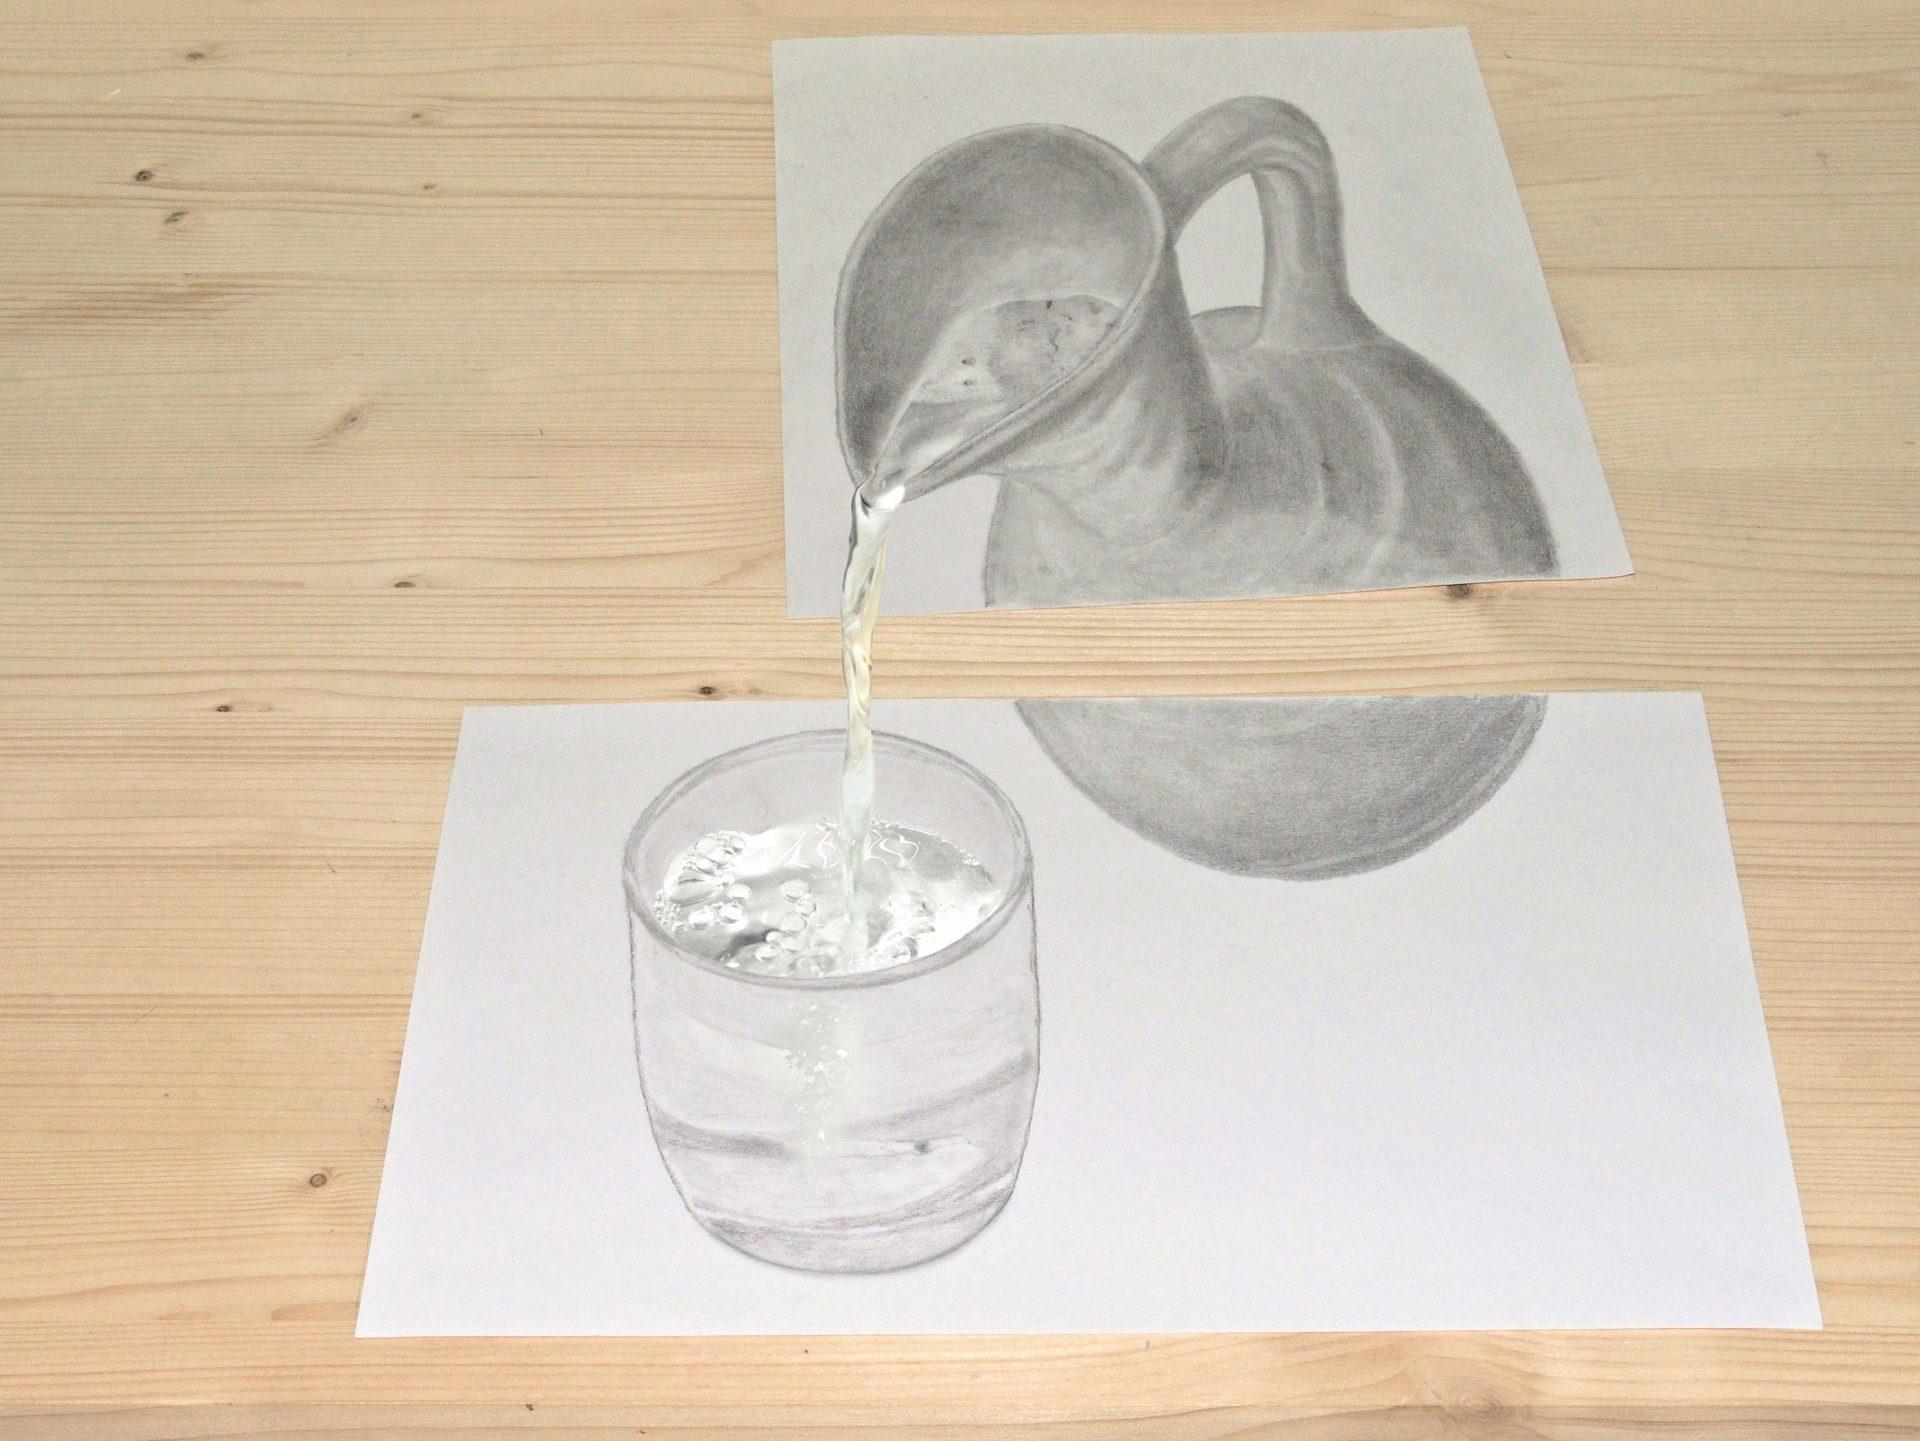 Der Wasserkrug